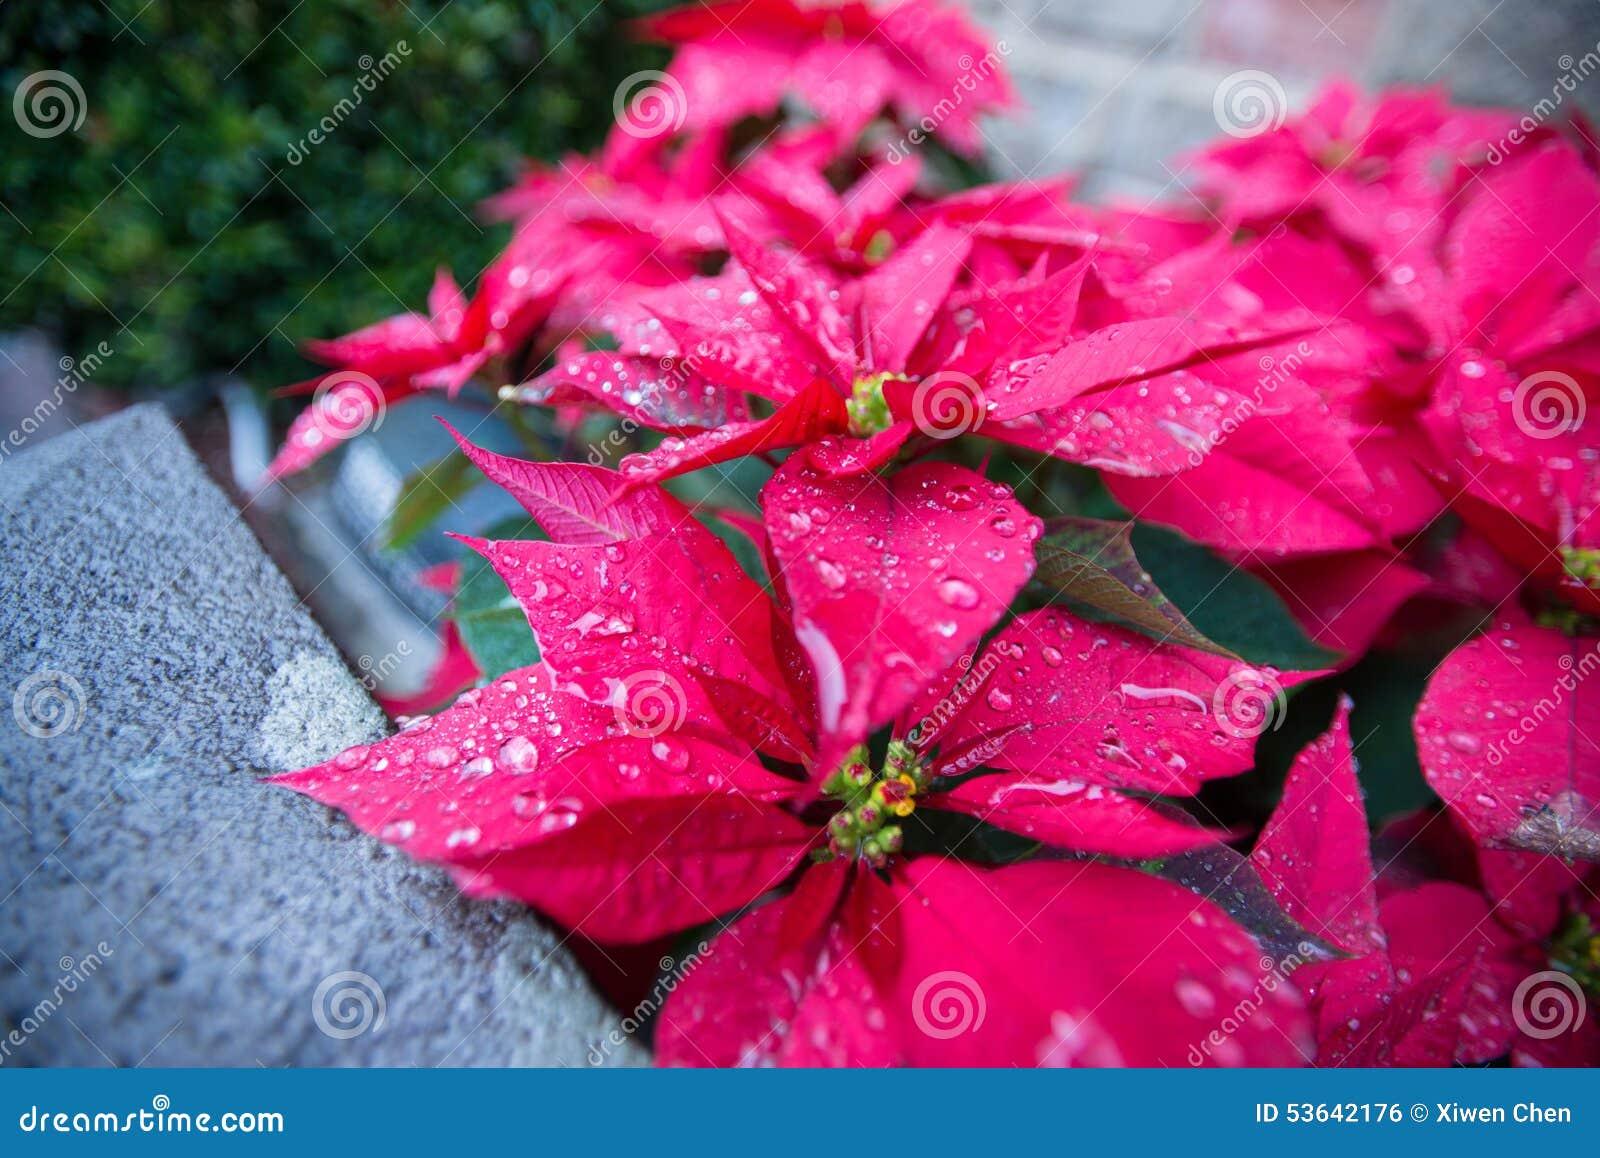 Poinsettia in regen